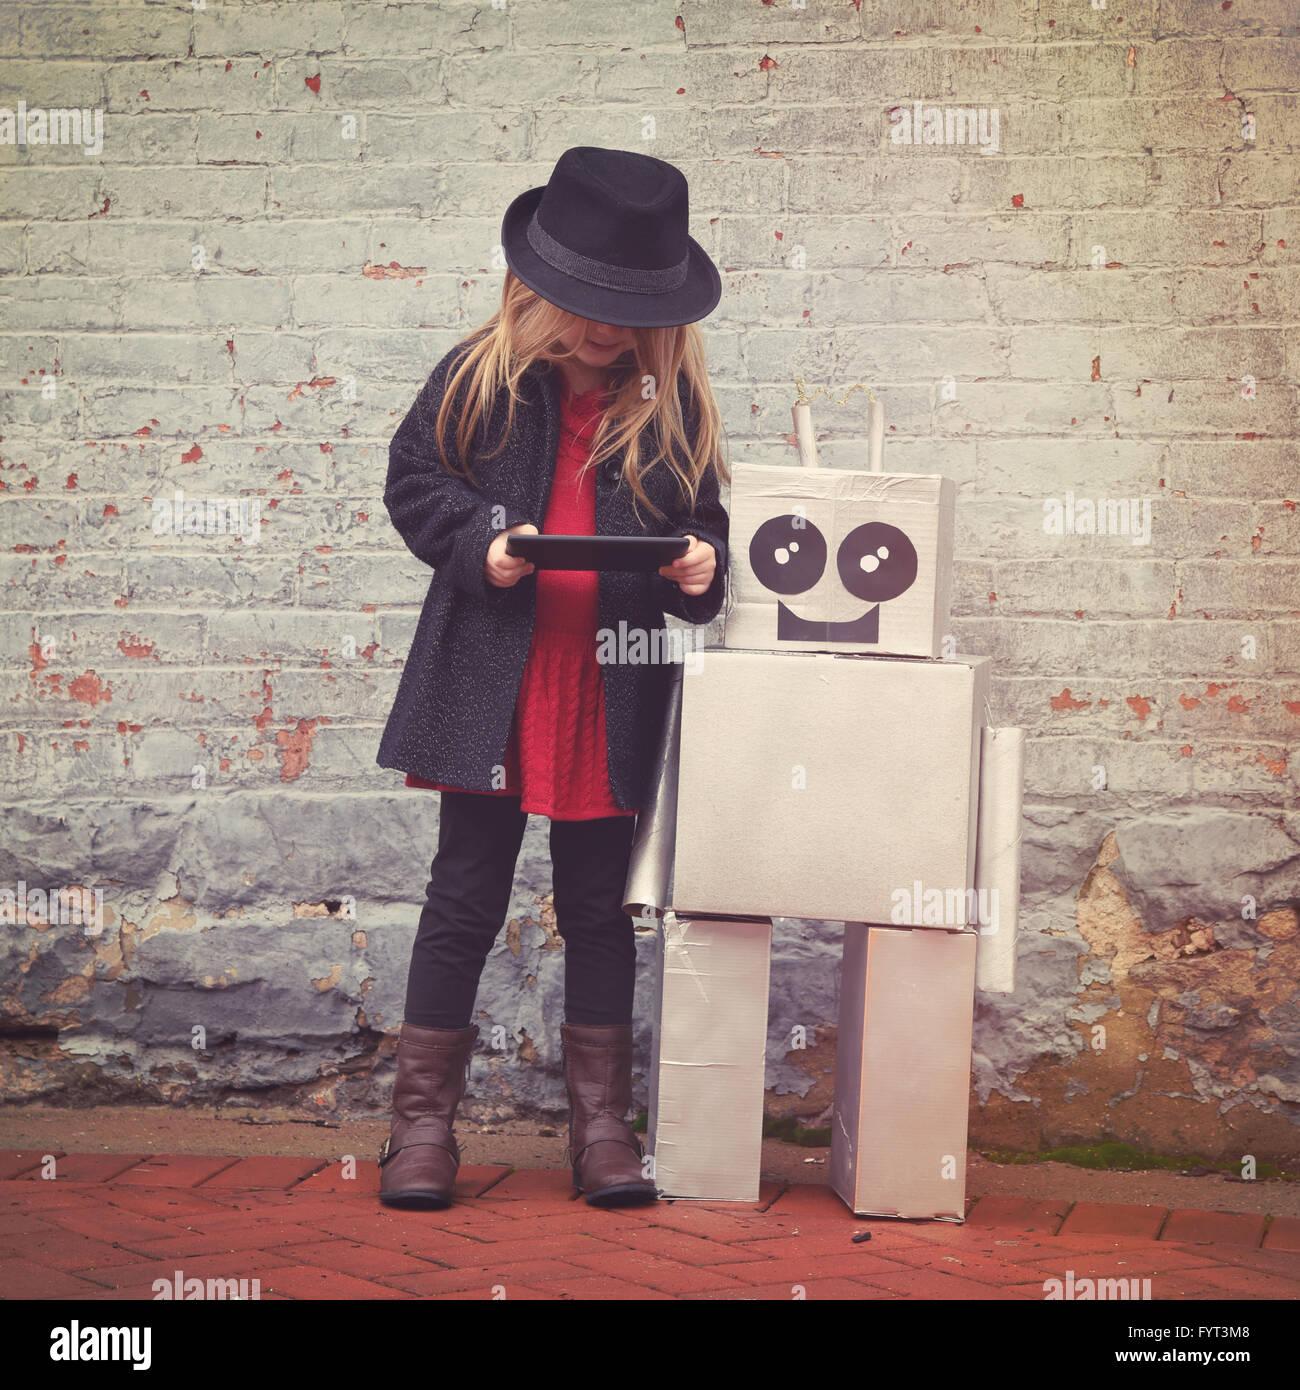 Un peu hipster enfant portant tient une tablette avec son ami robot jouet ville pour un bonheur ou technologie concept Photo Stock